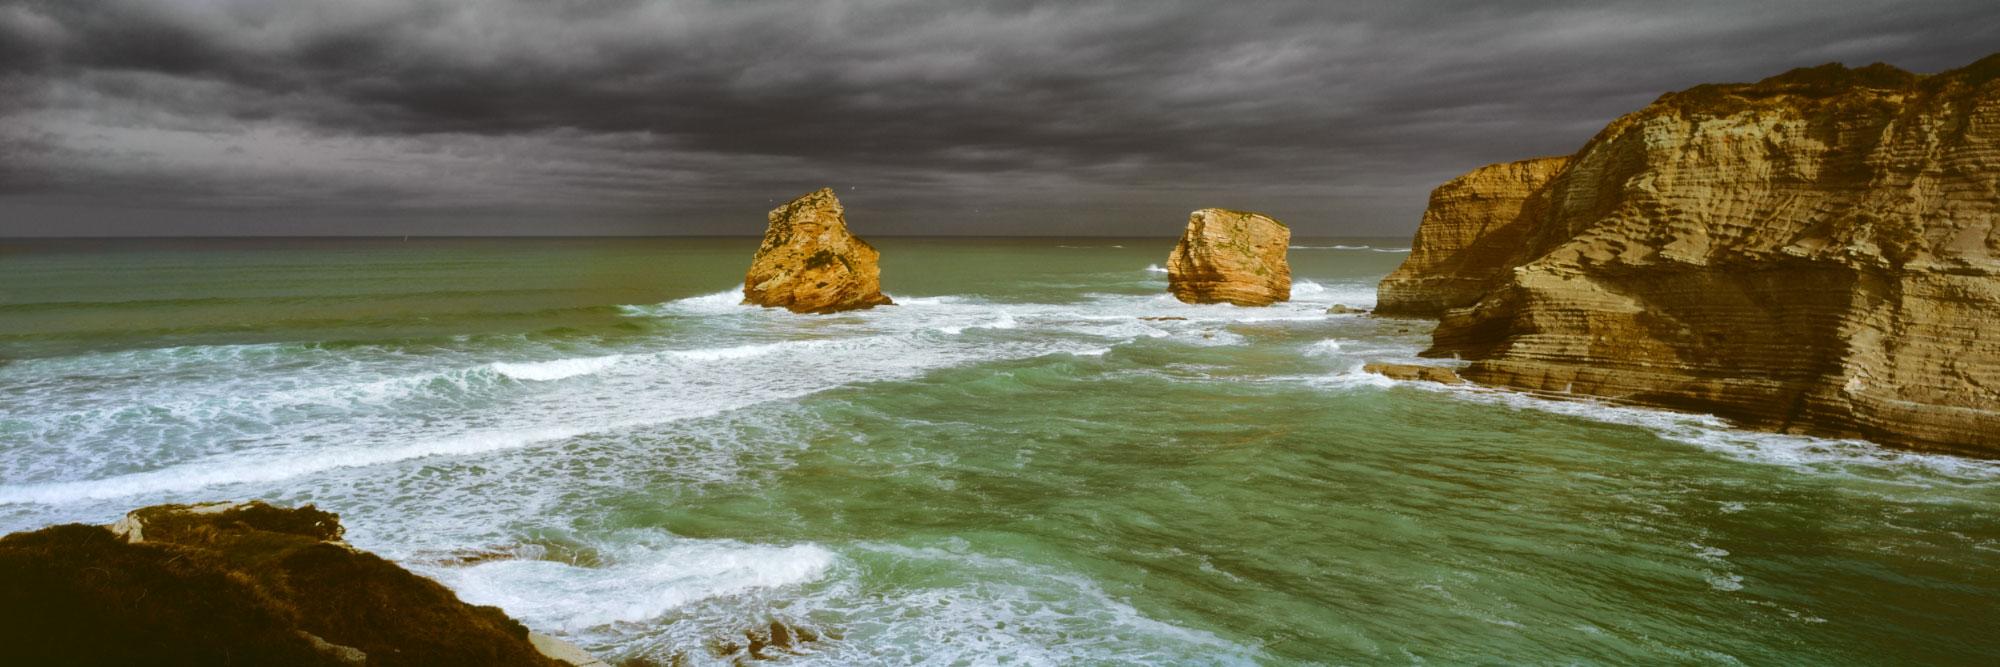 Les Deux-Jumeaux, Hendaye, Pays-Basque, côte Atlantique